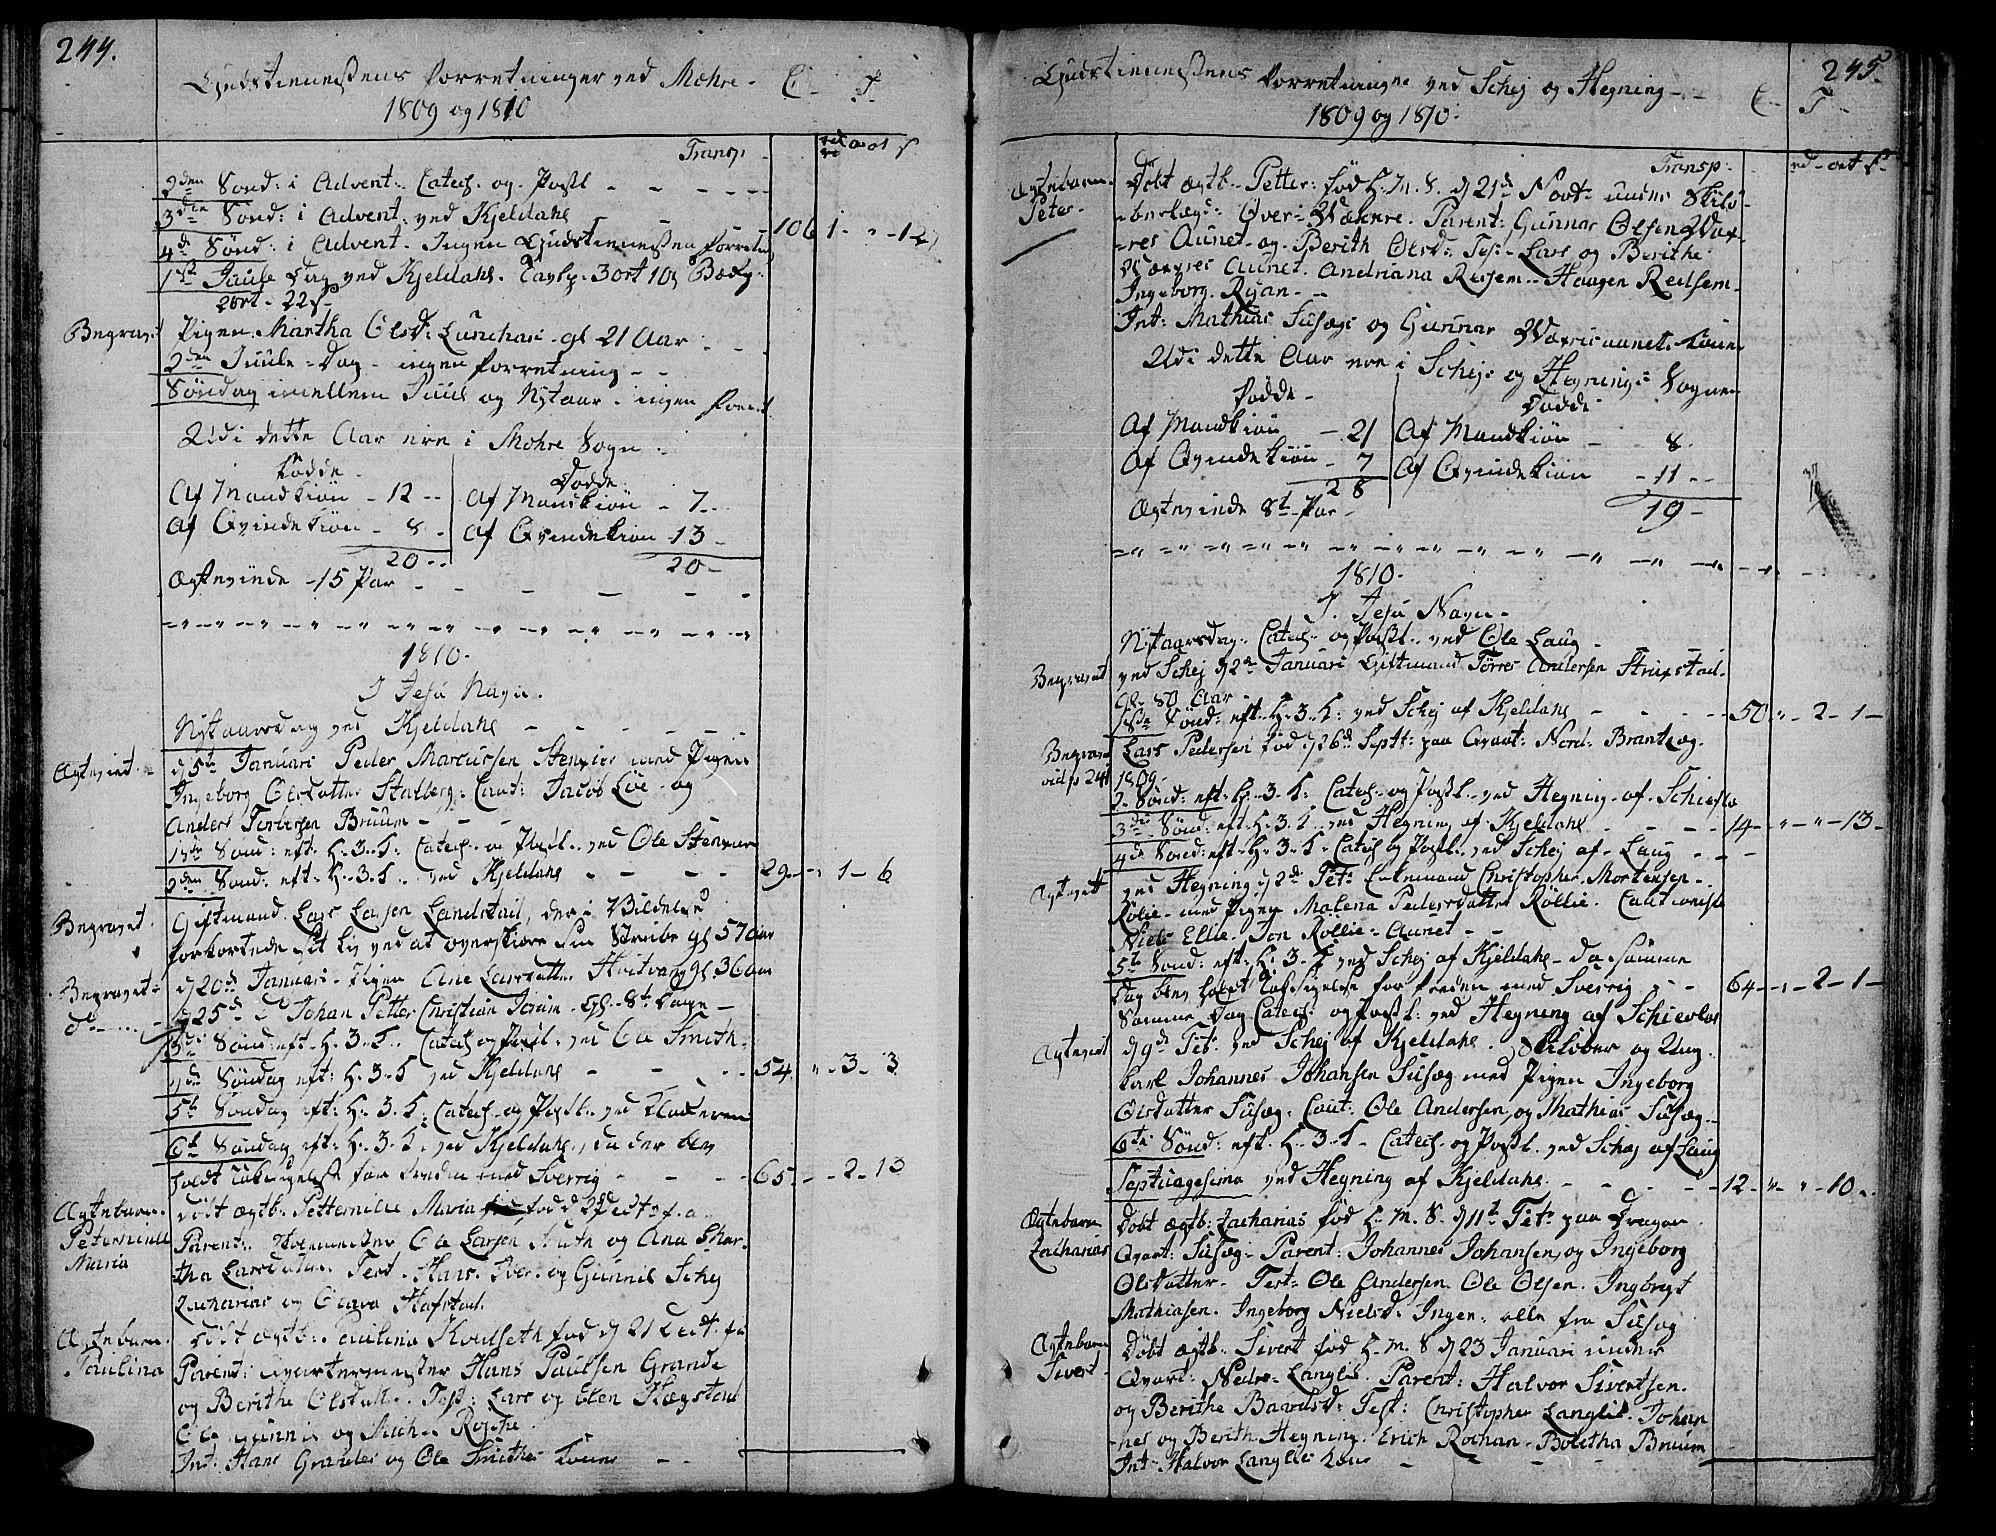 SAT, Ministerialprotokoller, klokkerbøker og fødselsregistre - Nord-Trøndelag, 735/L0332: Ministerialbok nr. 735A03, 1795-1816, s. 244-245